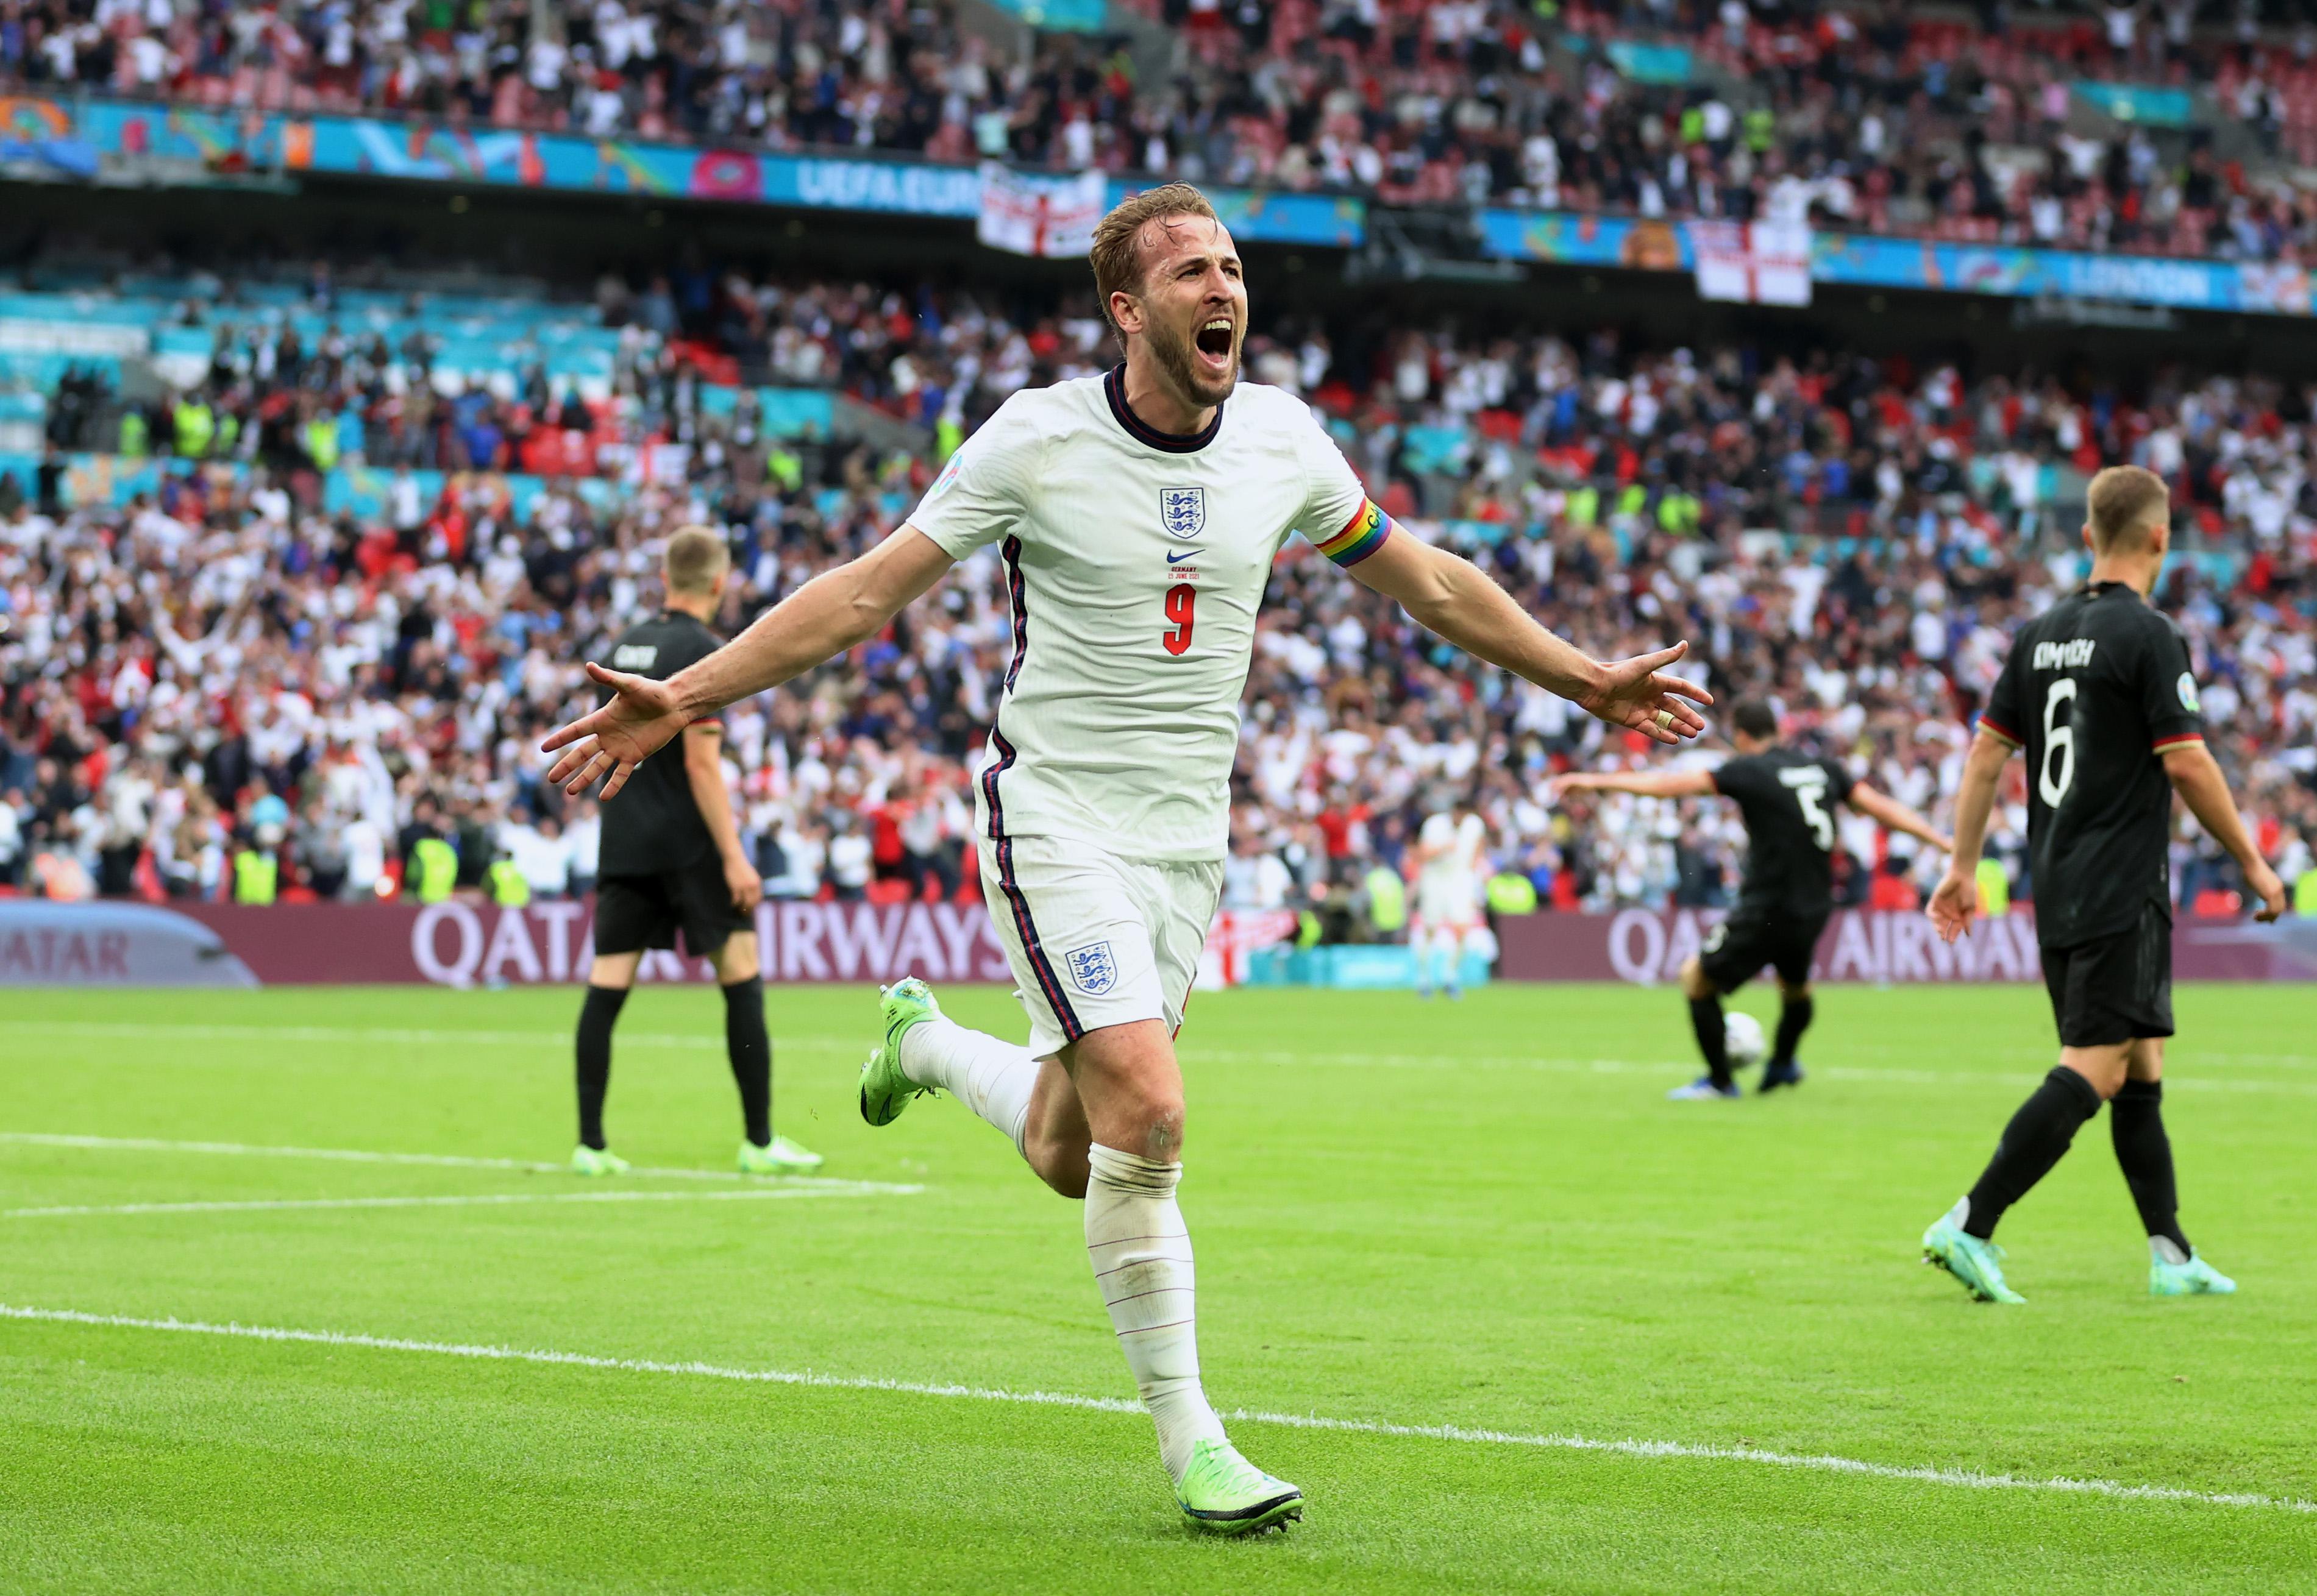 Inglaterra venció a Alemania y se clasificó a cuartos de final de la Eurocopa